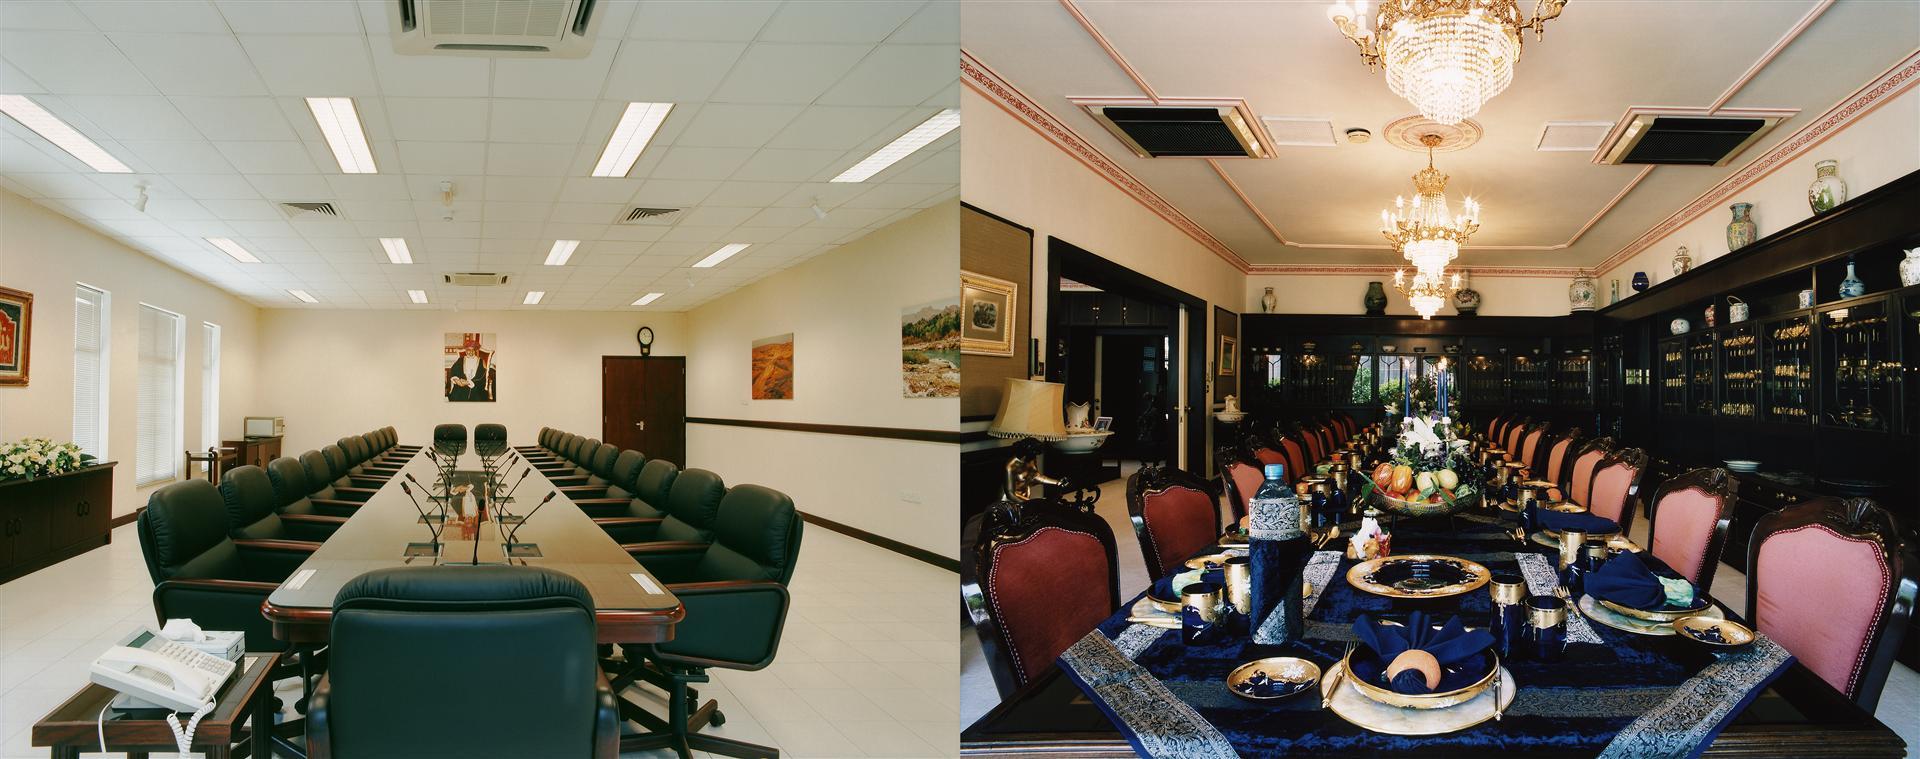 Őexcellenciája Lujaina Mohsin Darwish, ügyvezető igazgató helyettes, Mohsin Haider Darwish LLC - 2006. április 13., Maszkat, Ománi Szultánság © Jacqueline Hassink, Prix Pictet Ltd.JPG